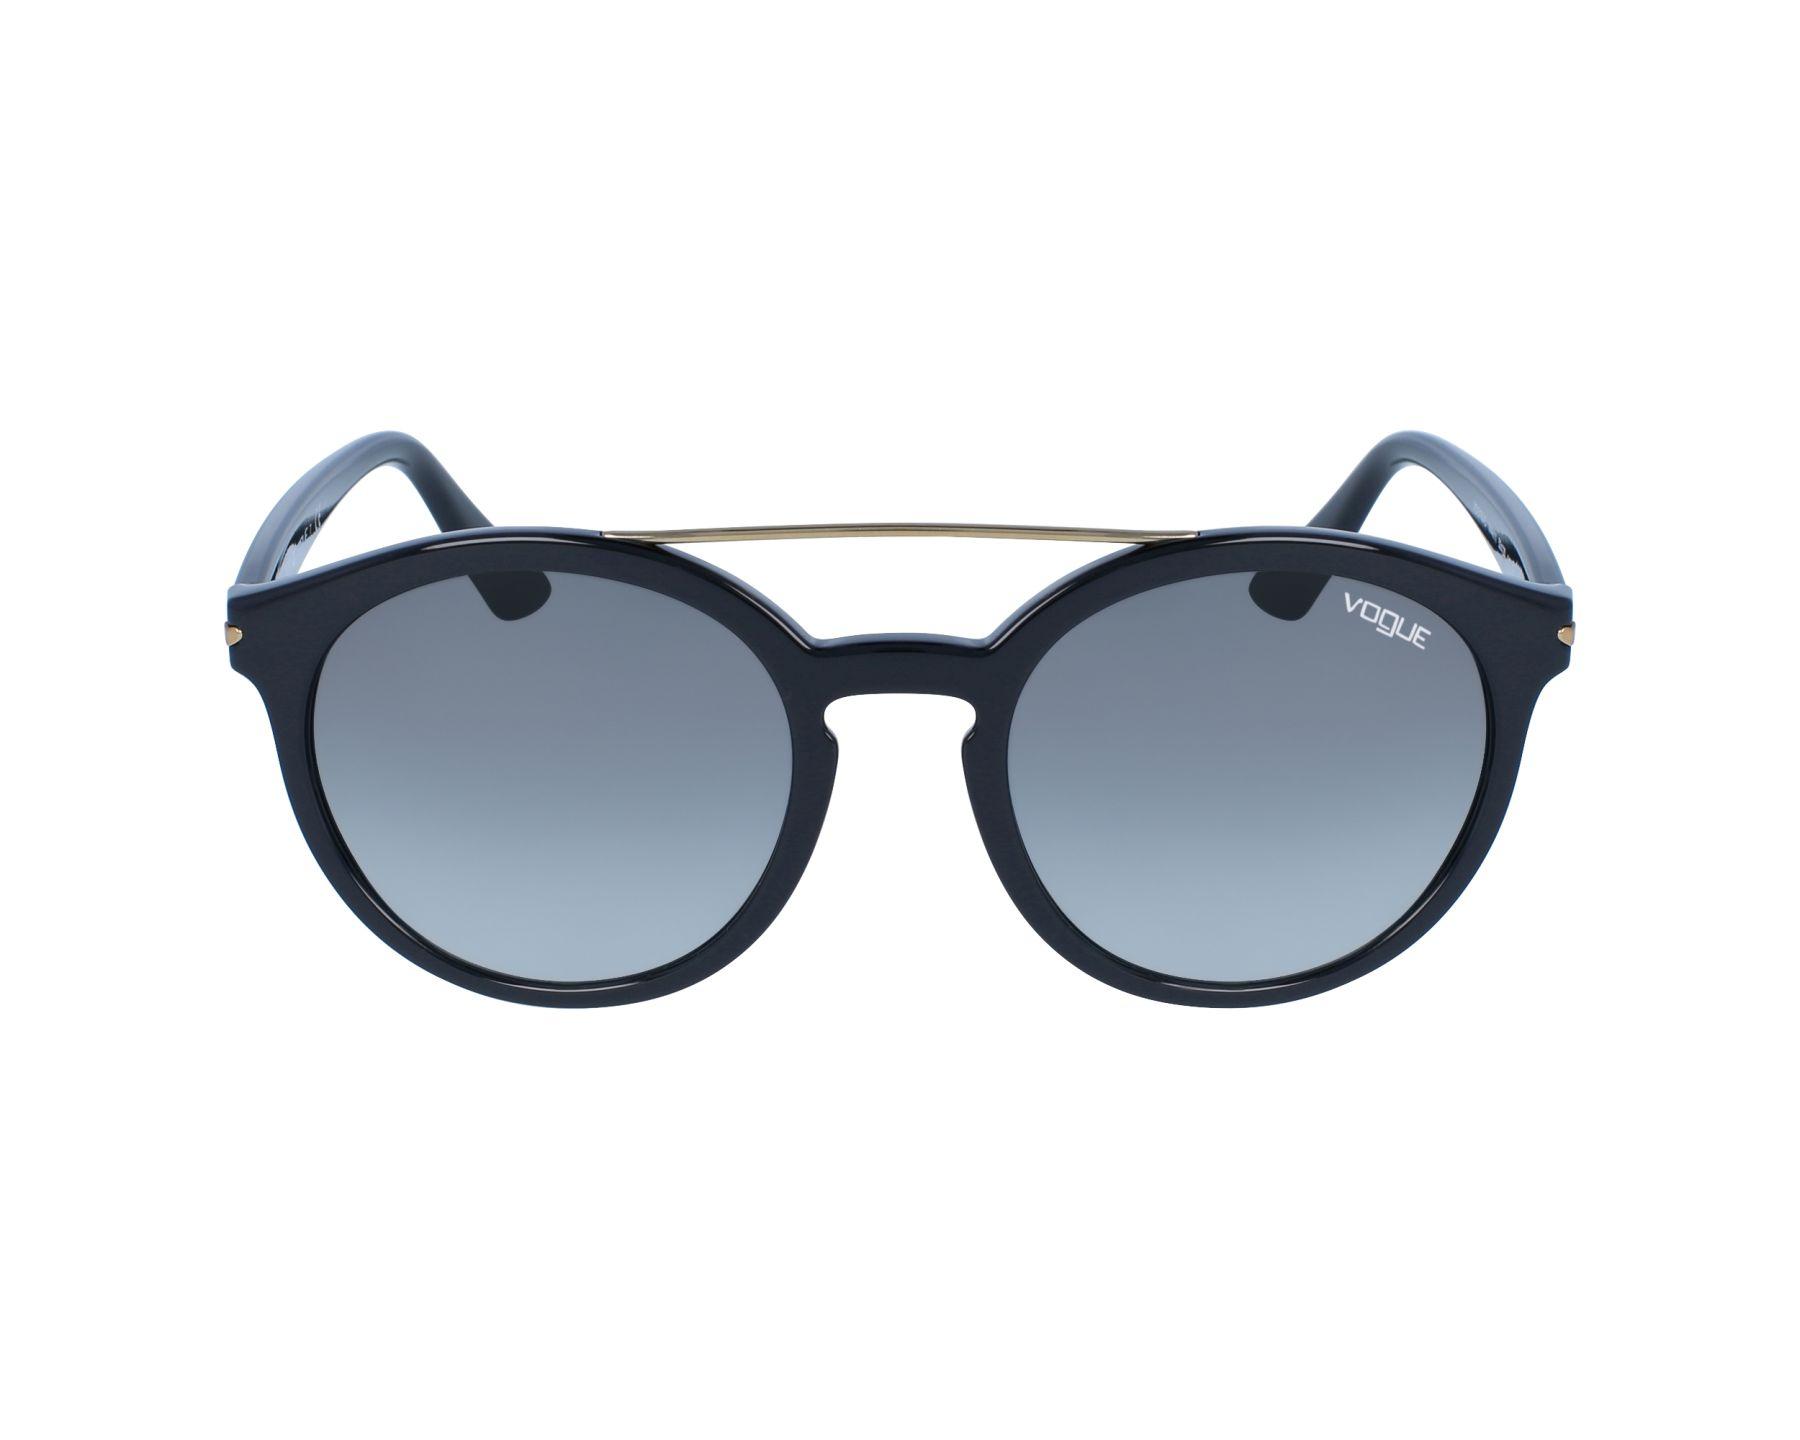 5d01f62c65 Lunettes de soleil Vogue VO-5133 W44/11 53-20 Noir Or vue